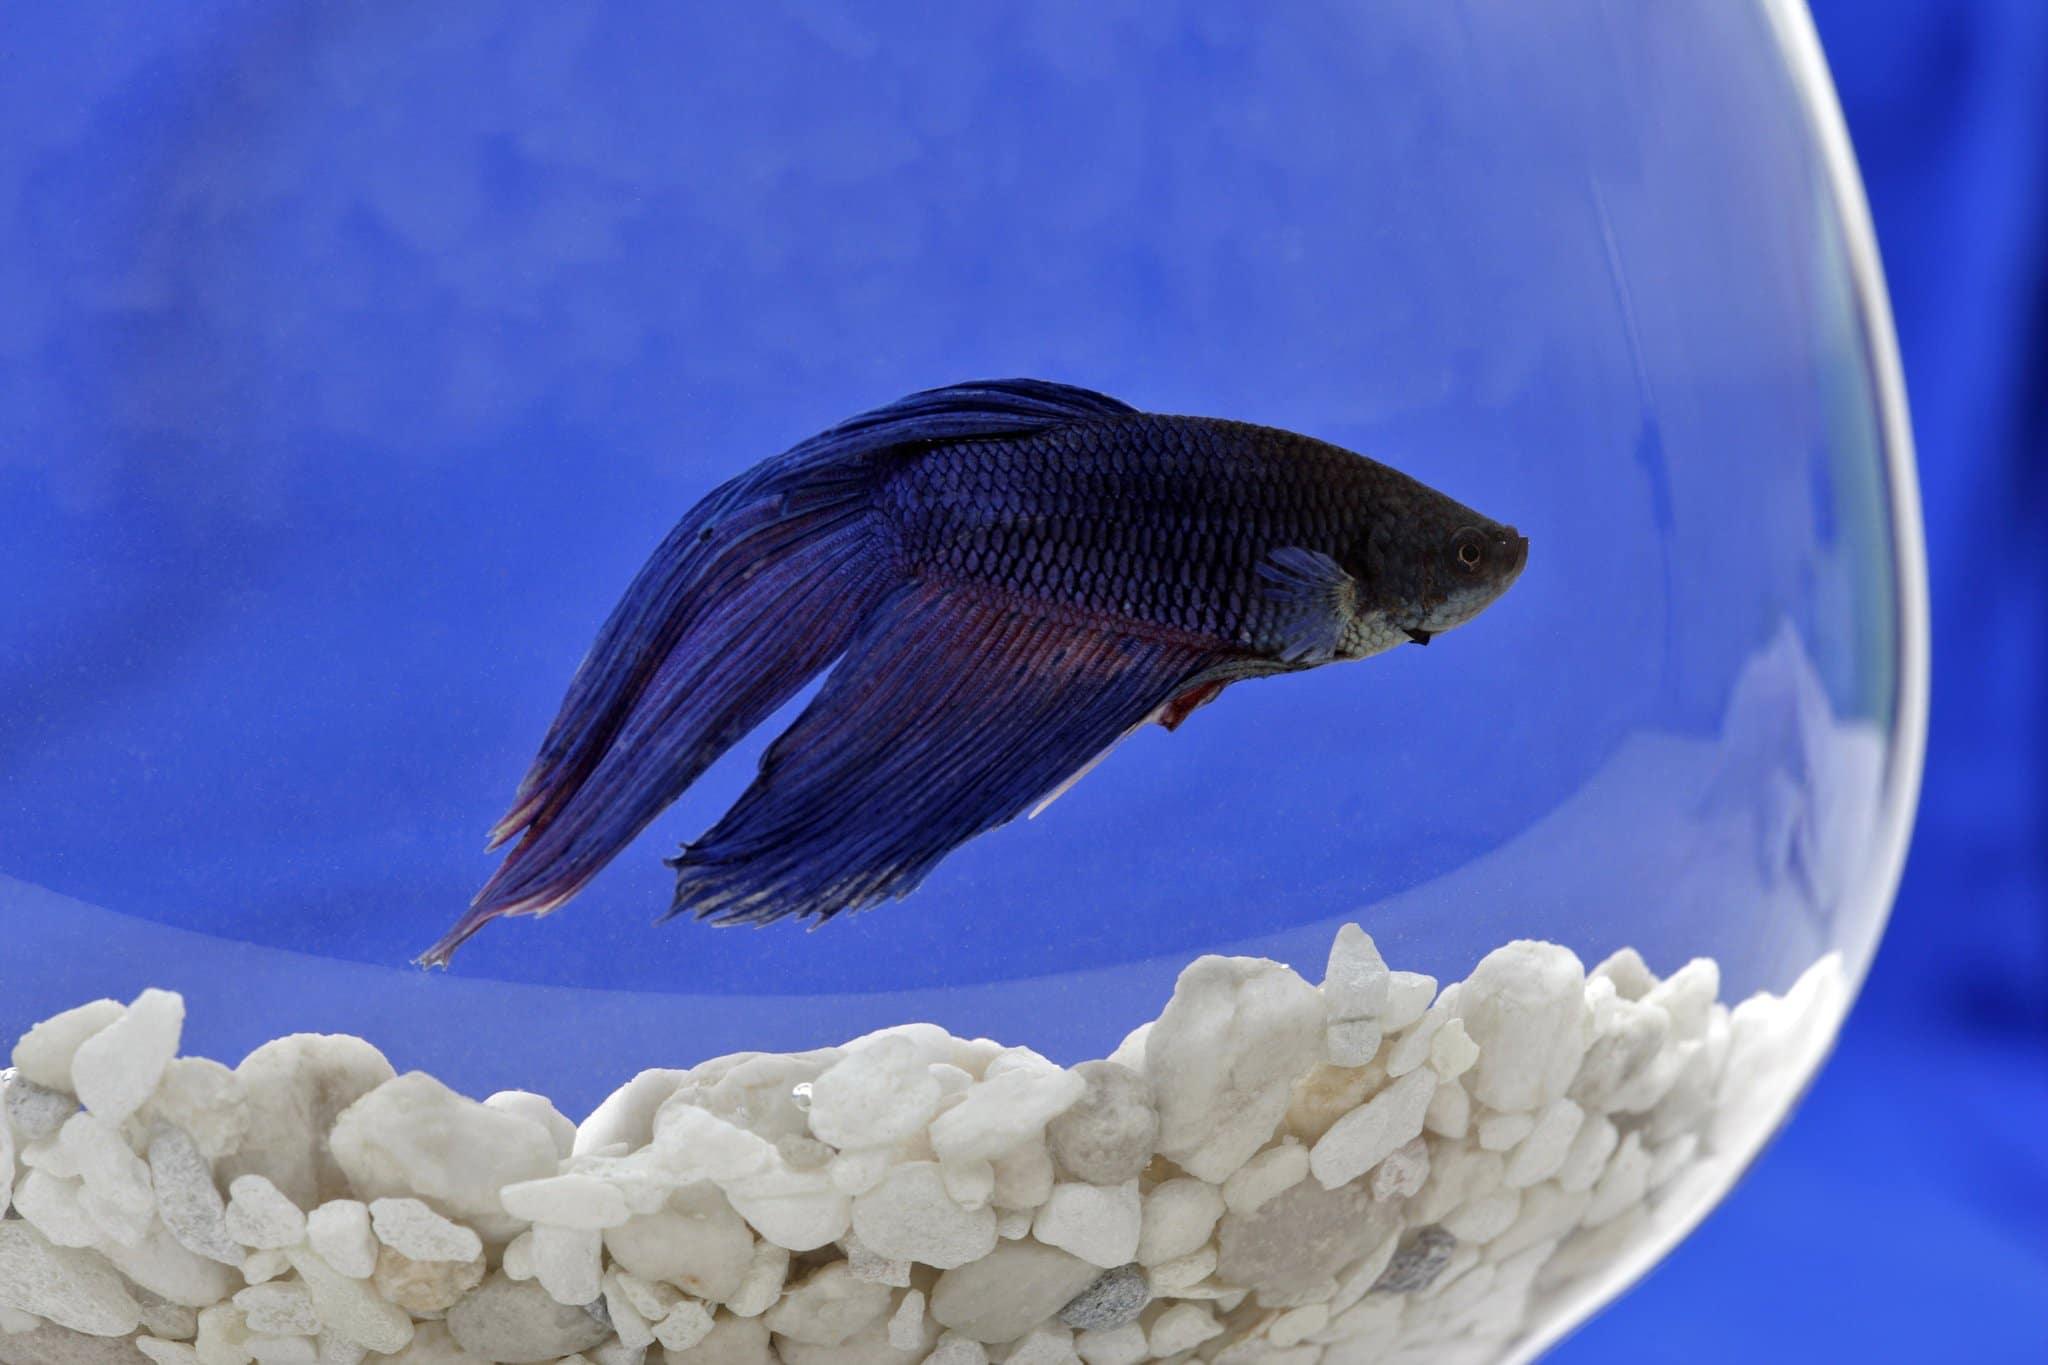 Bruce Lee, o peixe letárgico no quarto do hotel, estava mais rente ao substrato devido a depressão